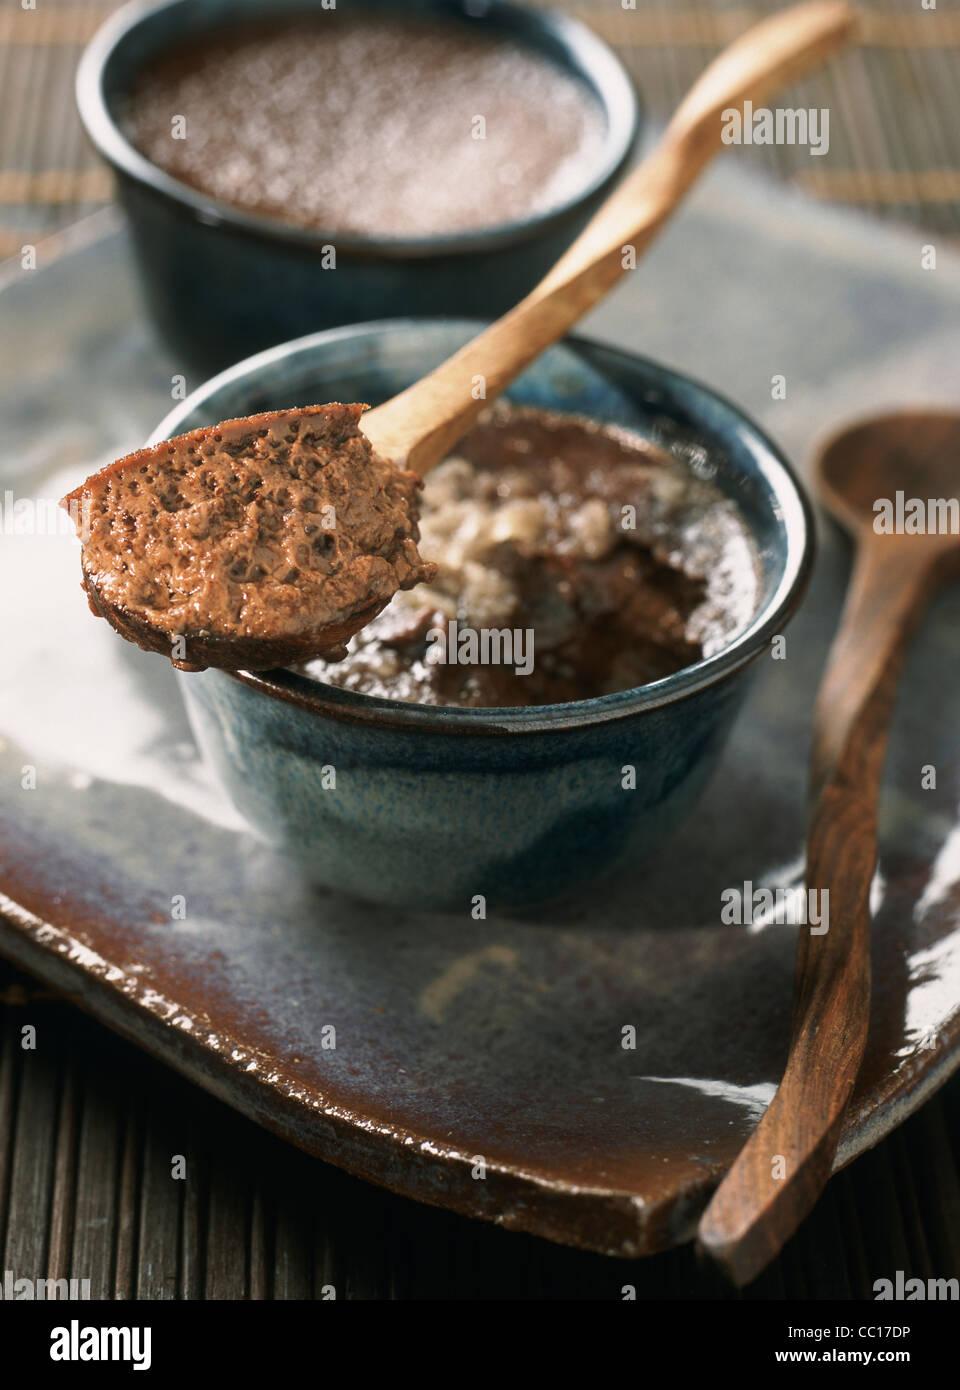 Mousse au Chocolat Stockbild